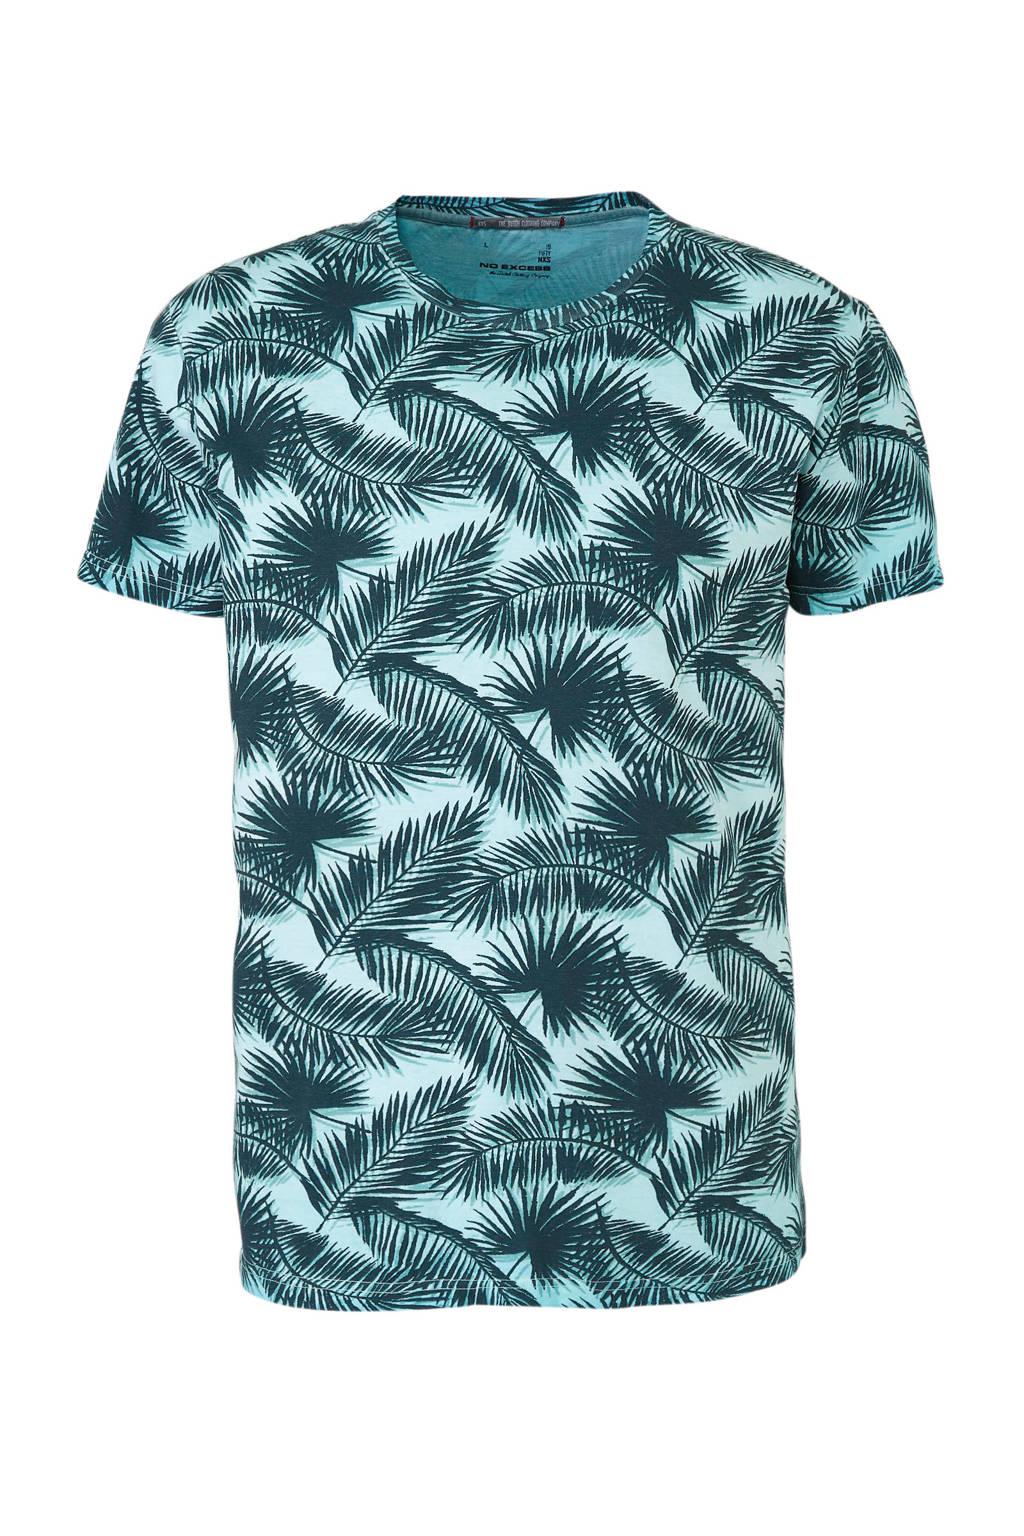 No Excess T-shirt met allover print, licht groen/donkergroen